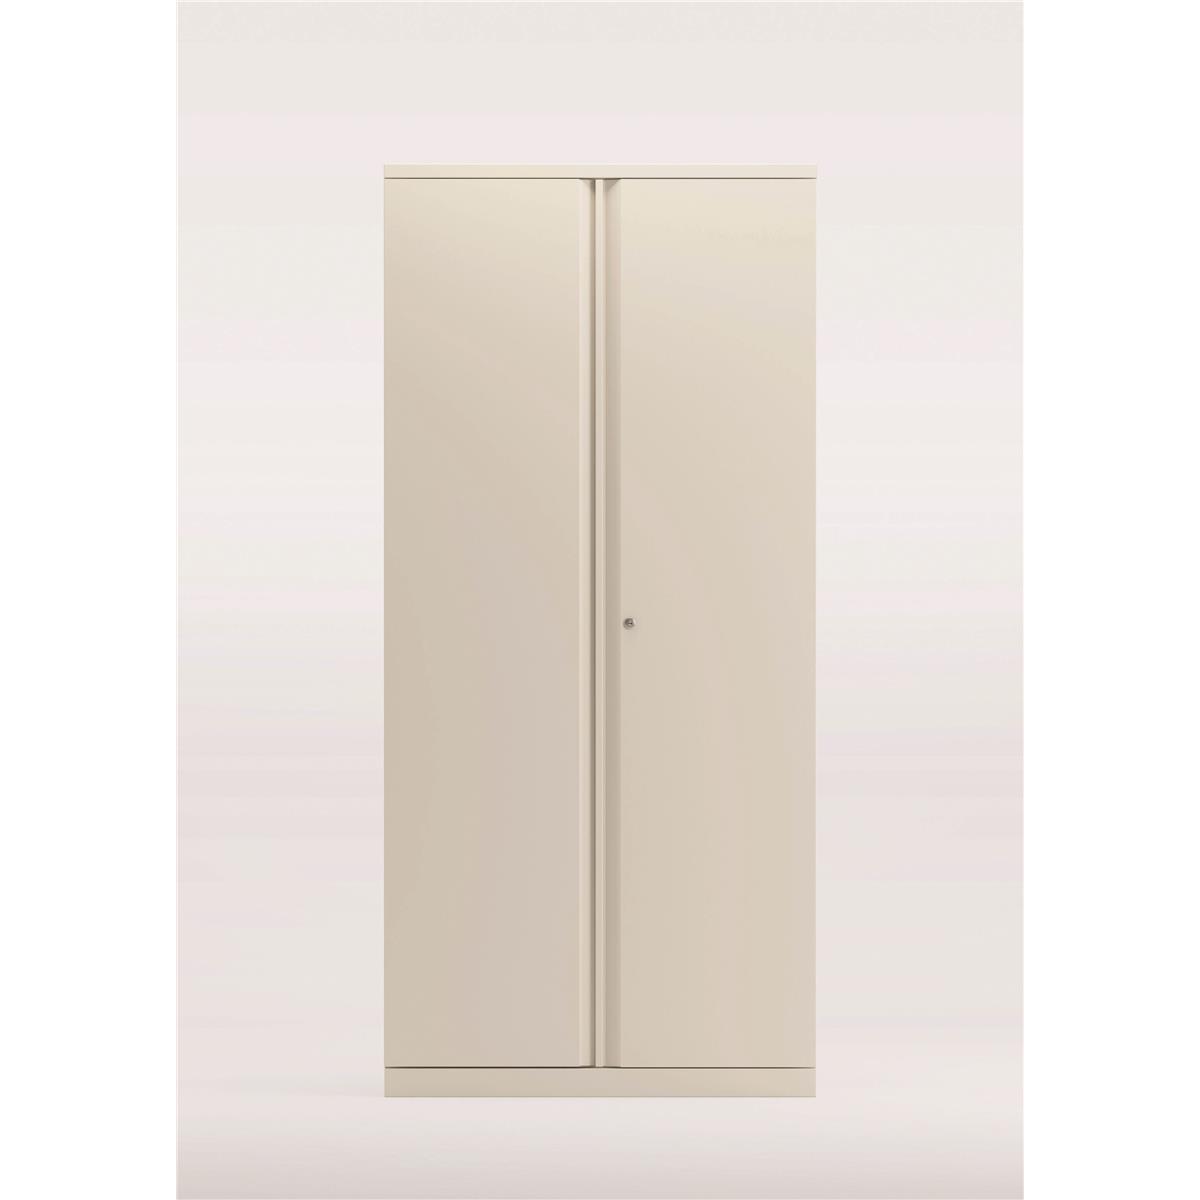 Storage cabinets Bisley Two Door Steel Storage Cupboard 914x470x1970-1985mm White Ref YECB0919-ab9